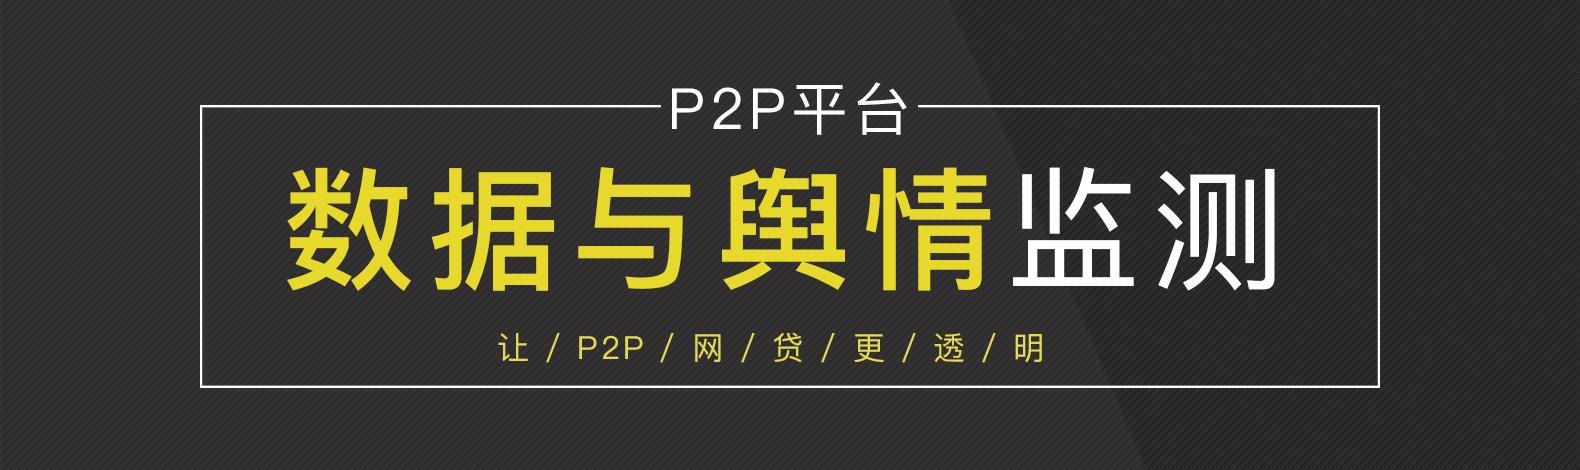 P2P平台数据与舆情监测